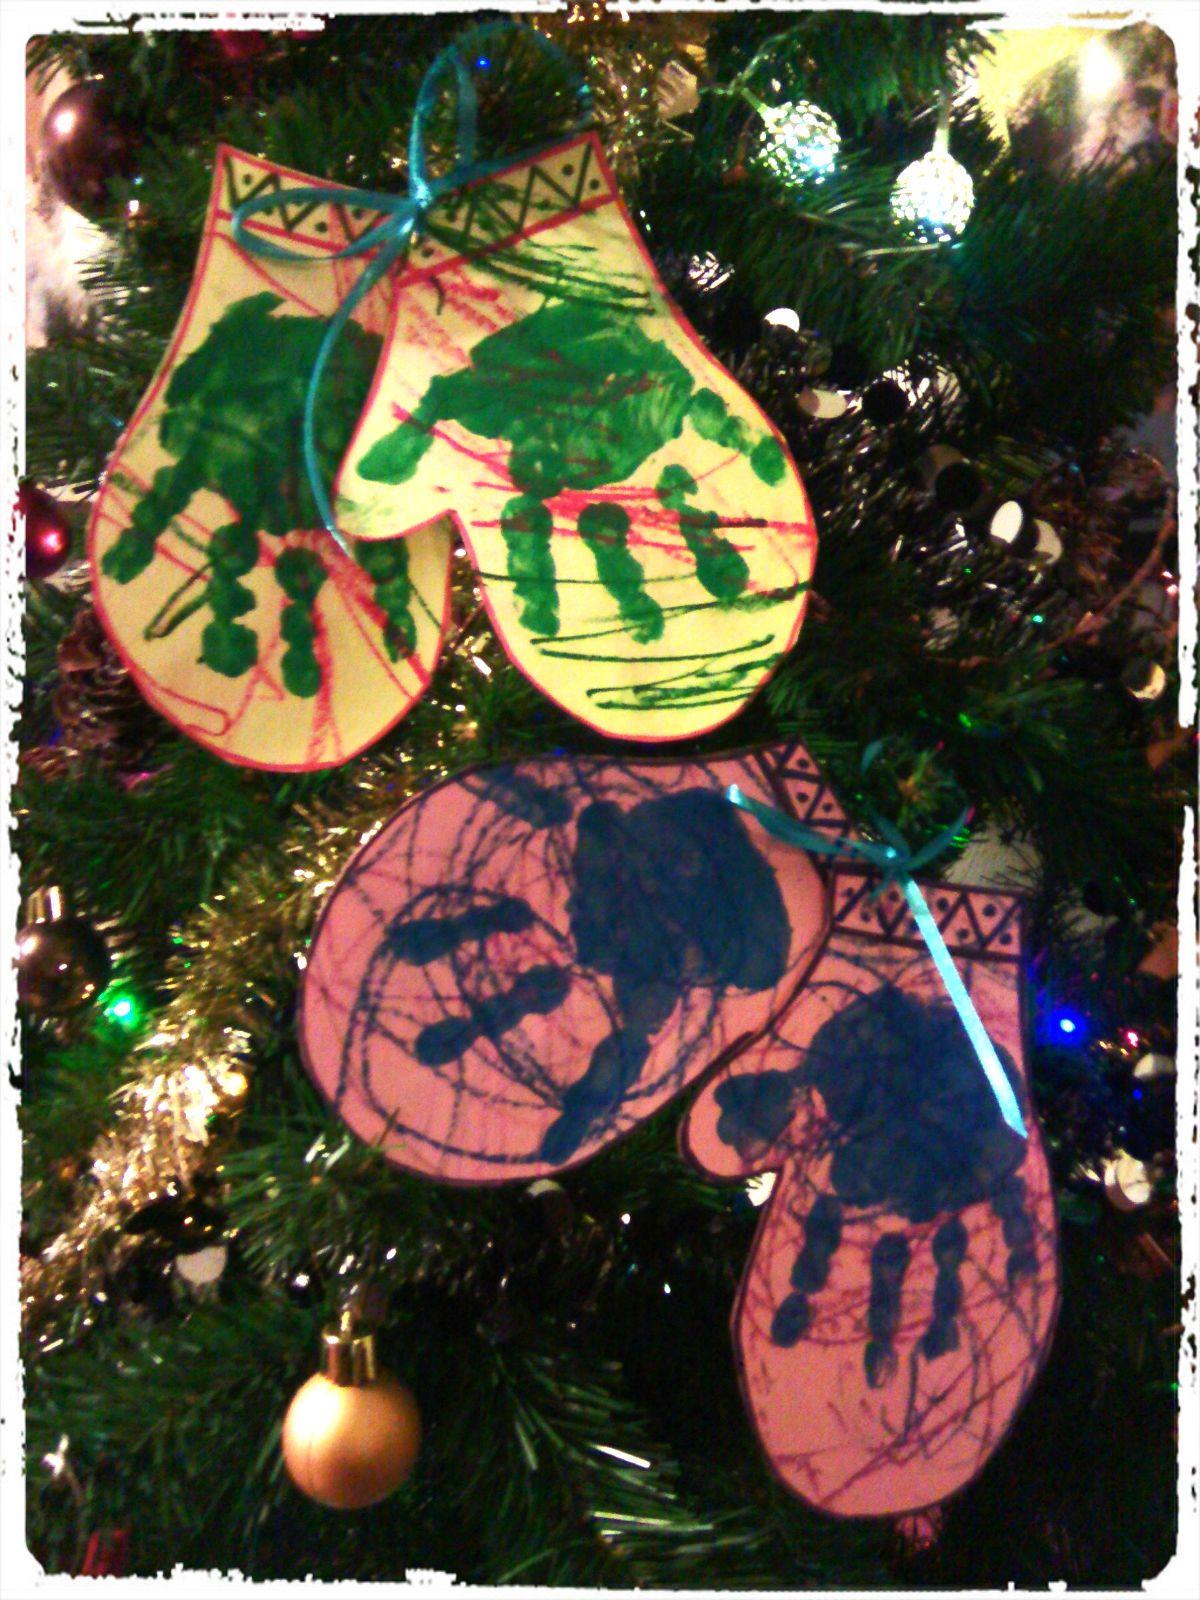 Les moufles des enfants : suspension pour le sapin de Noël -